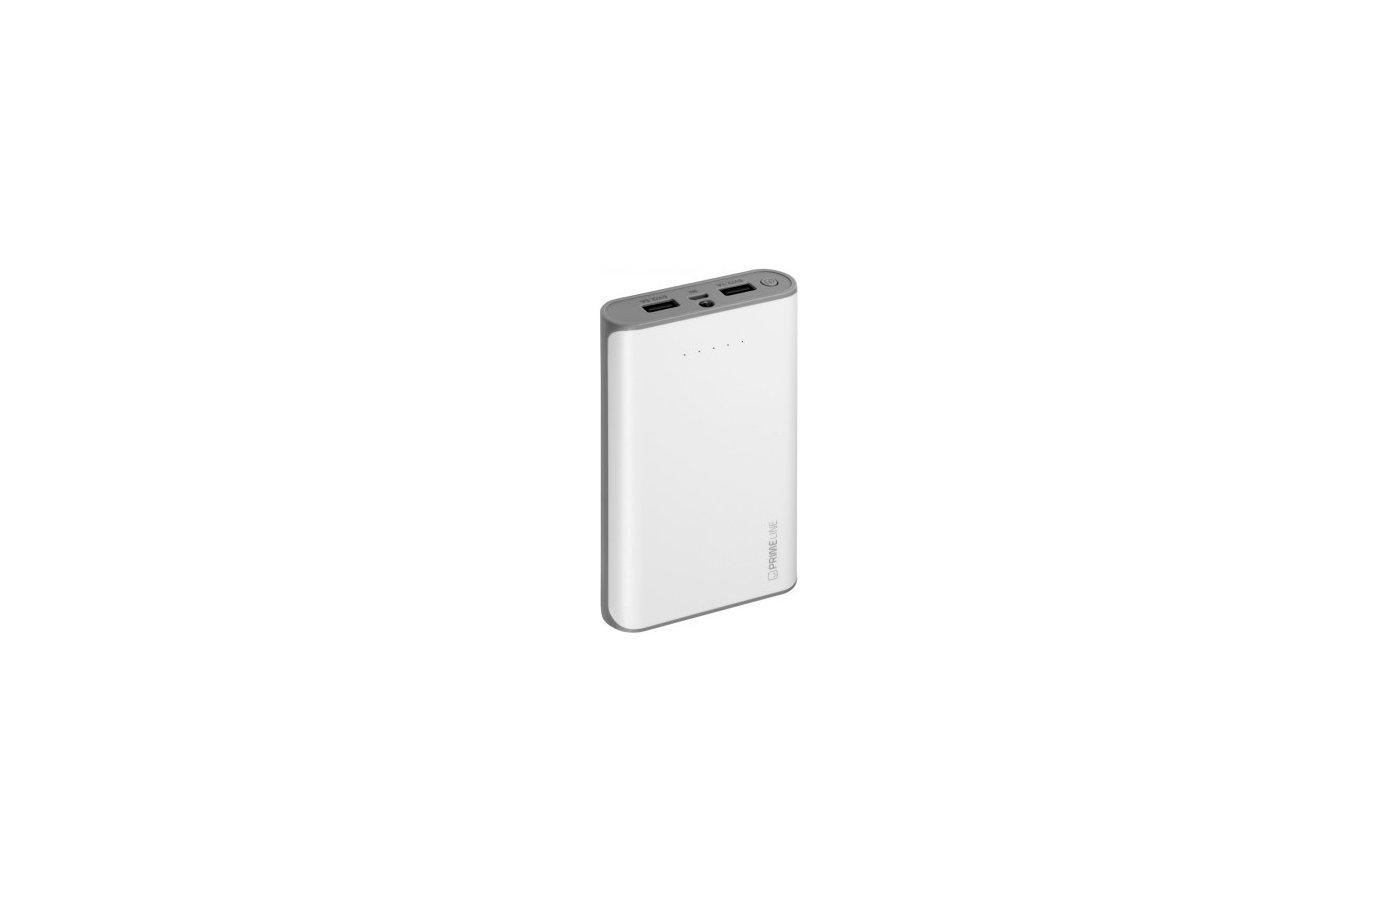 Портативный аккумулятор Prime Line 12000 mAh белый 2.5A